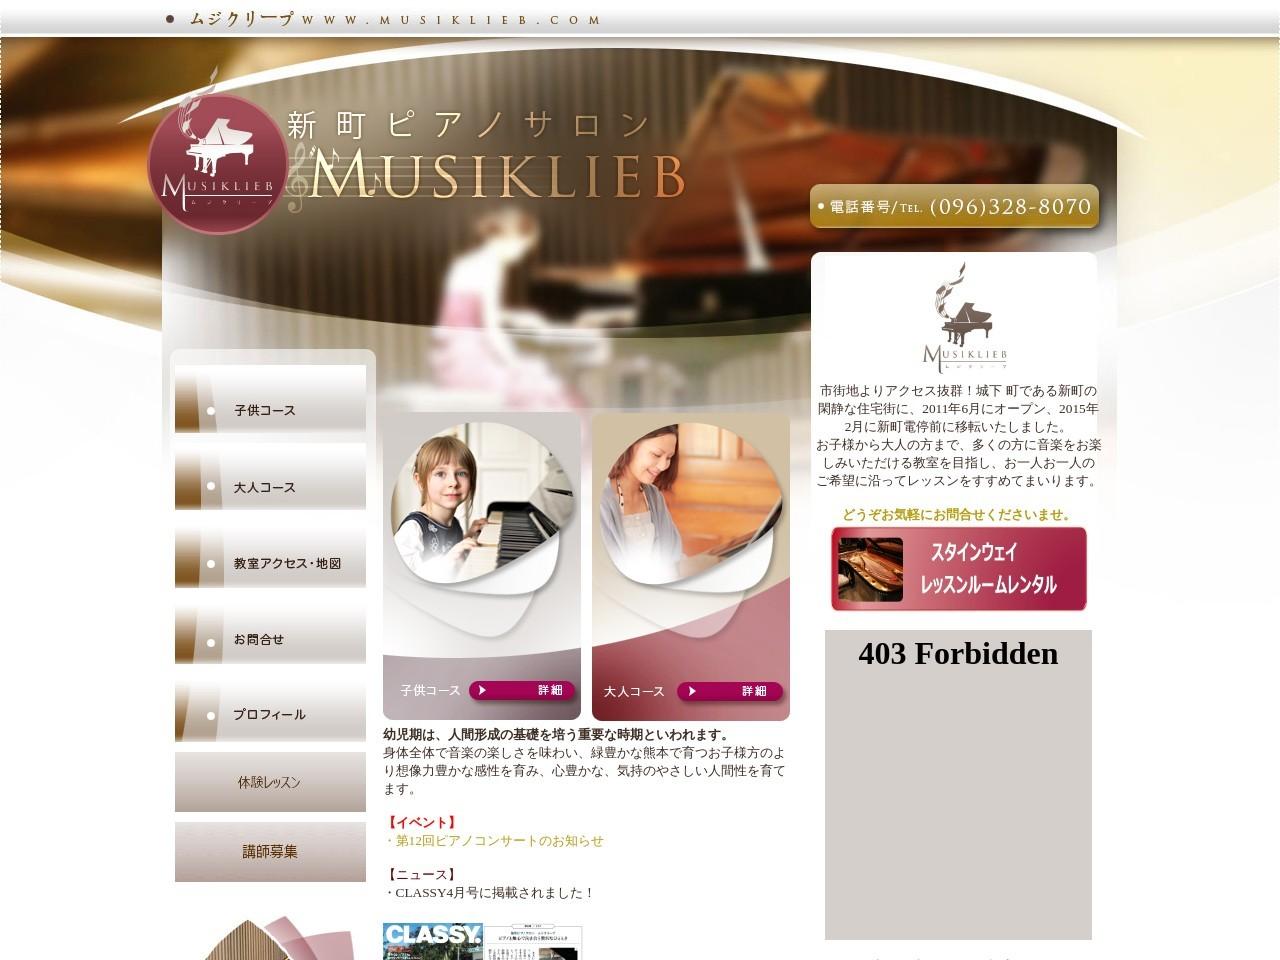 新町ピアノサロン  MUSIKLIEB-ムジクリープのサムネイル